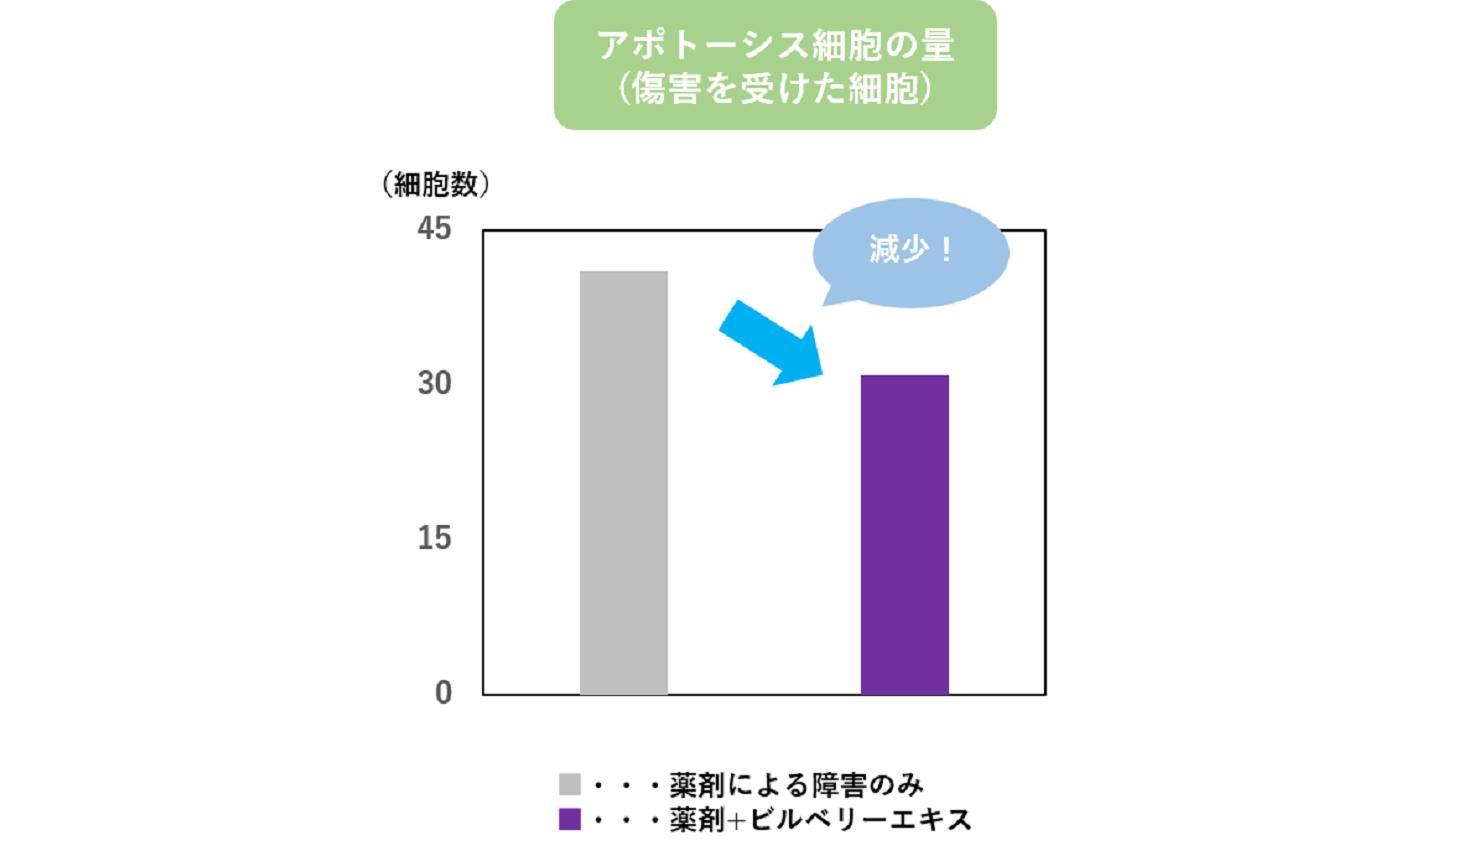 障がいを受けた細胞の量を表すグラフ